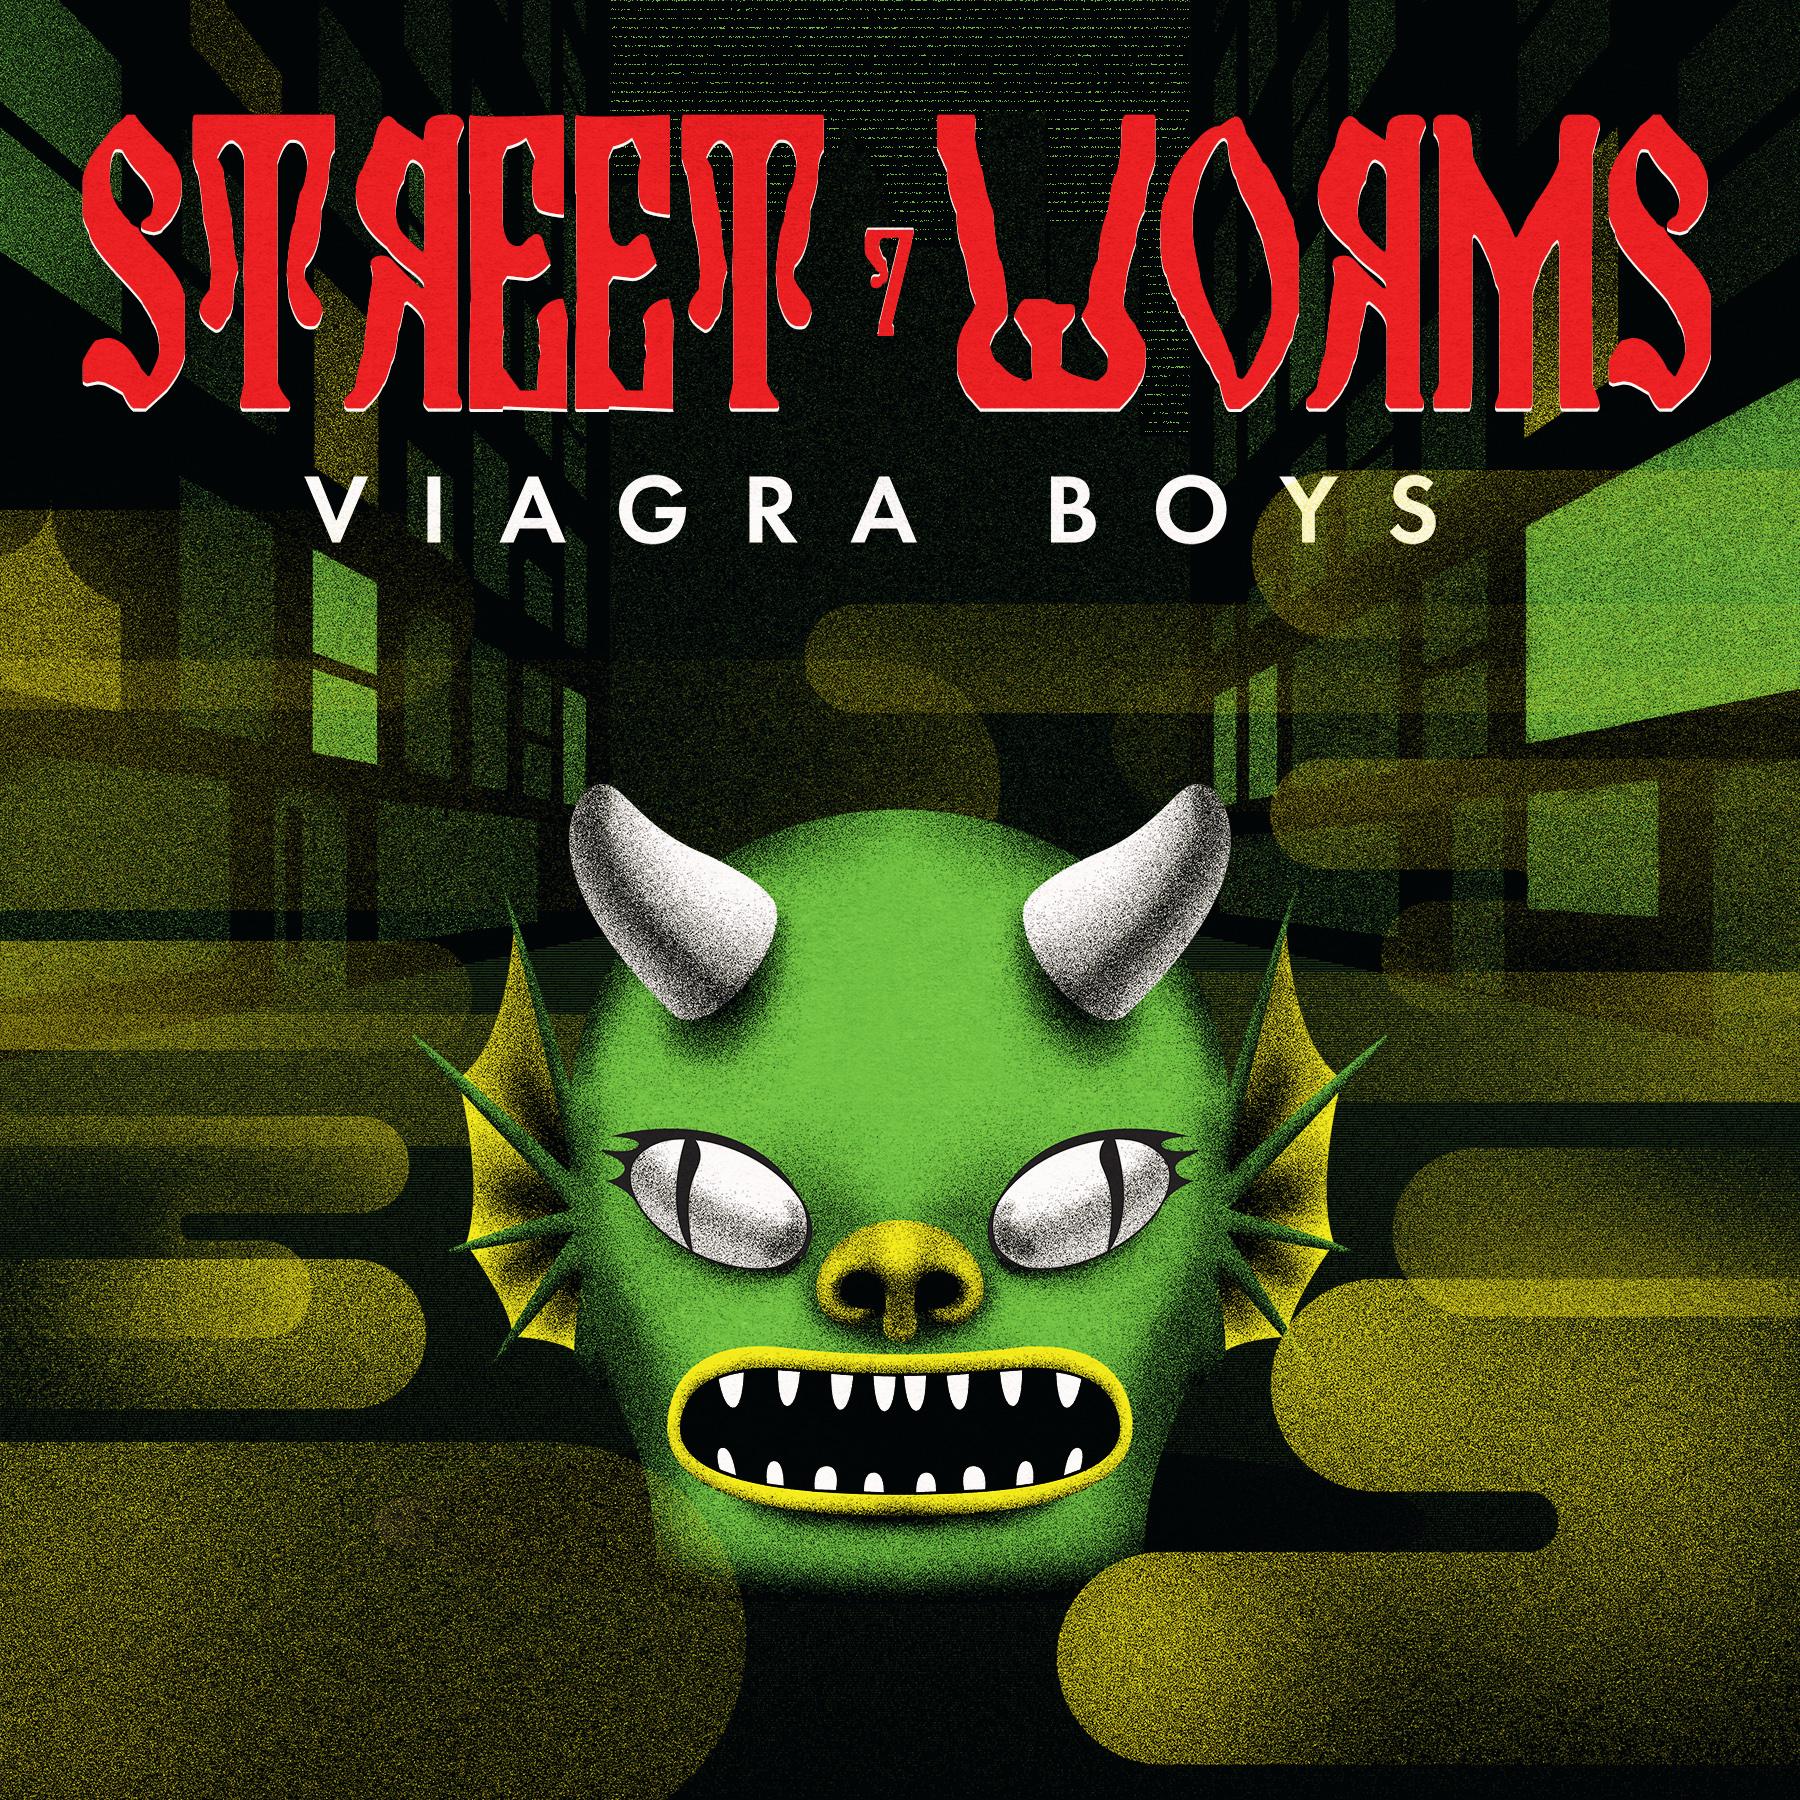 Street Worms by Viagra Boys